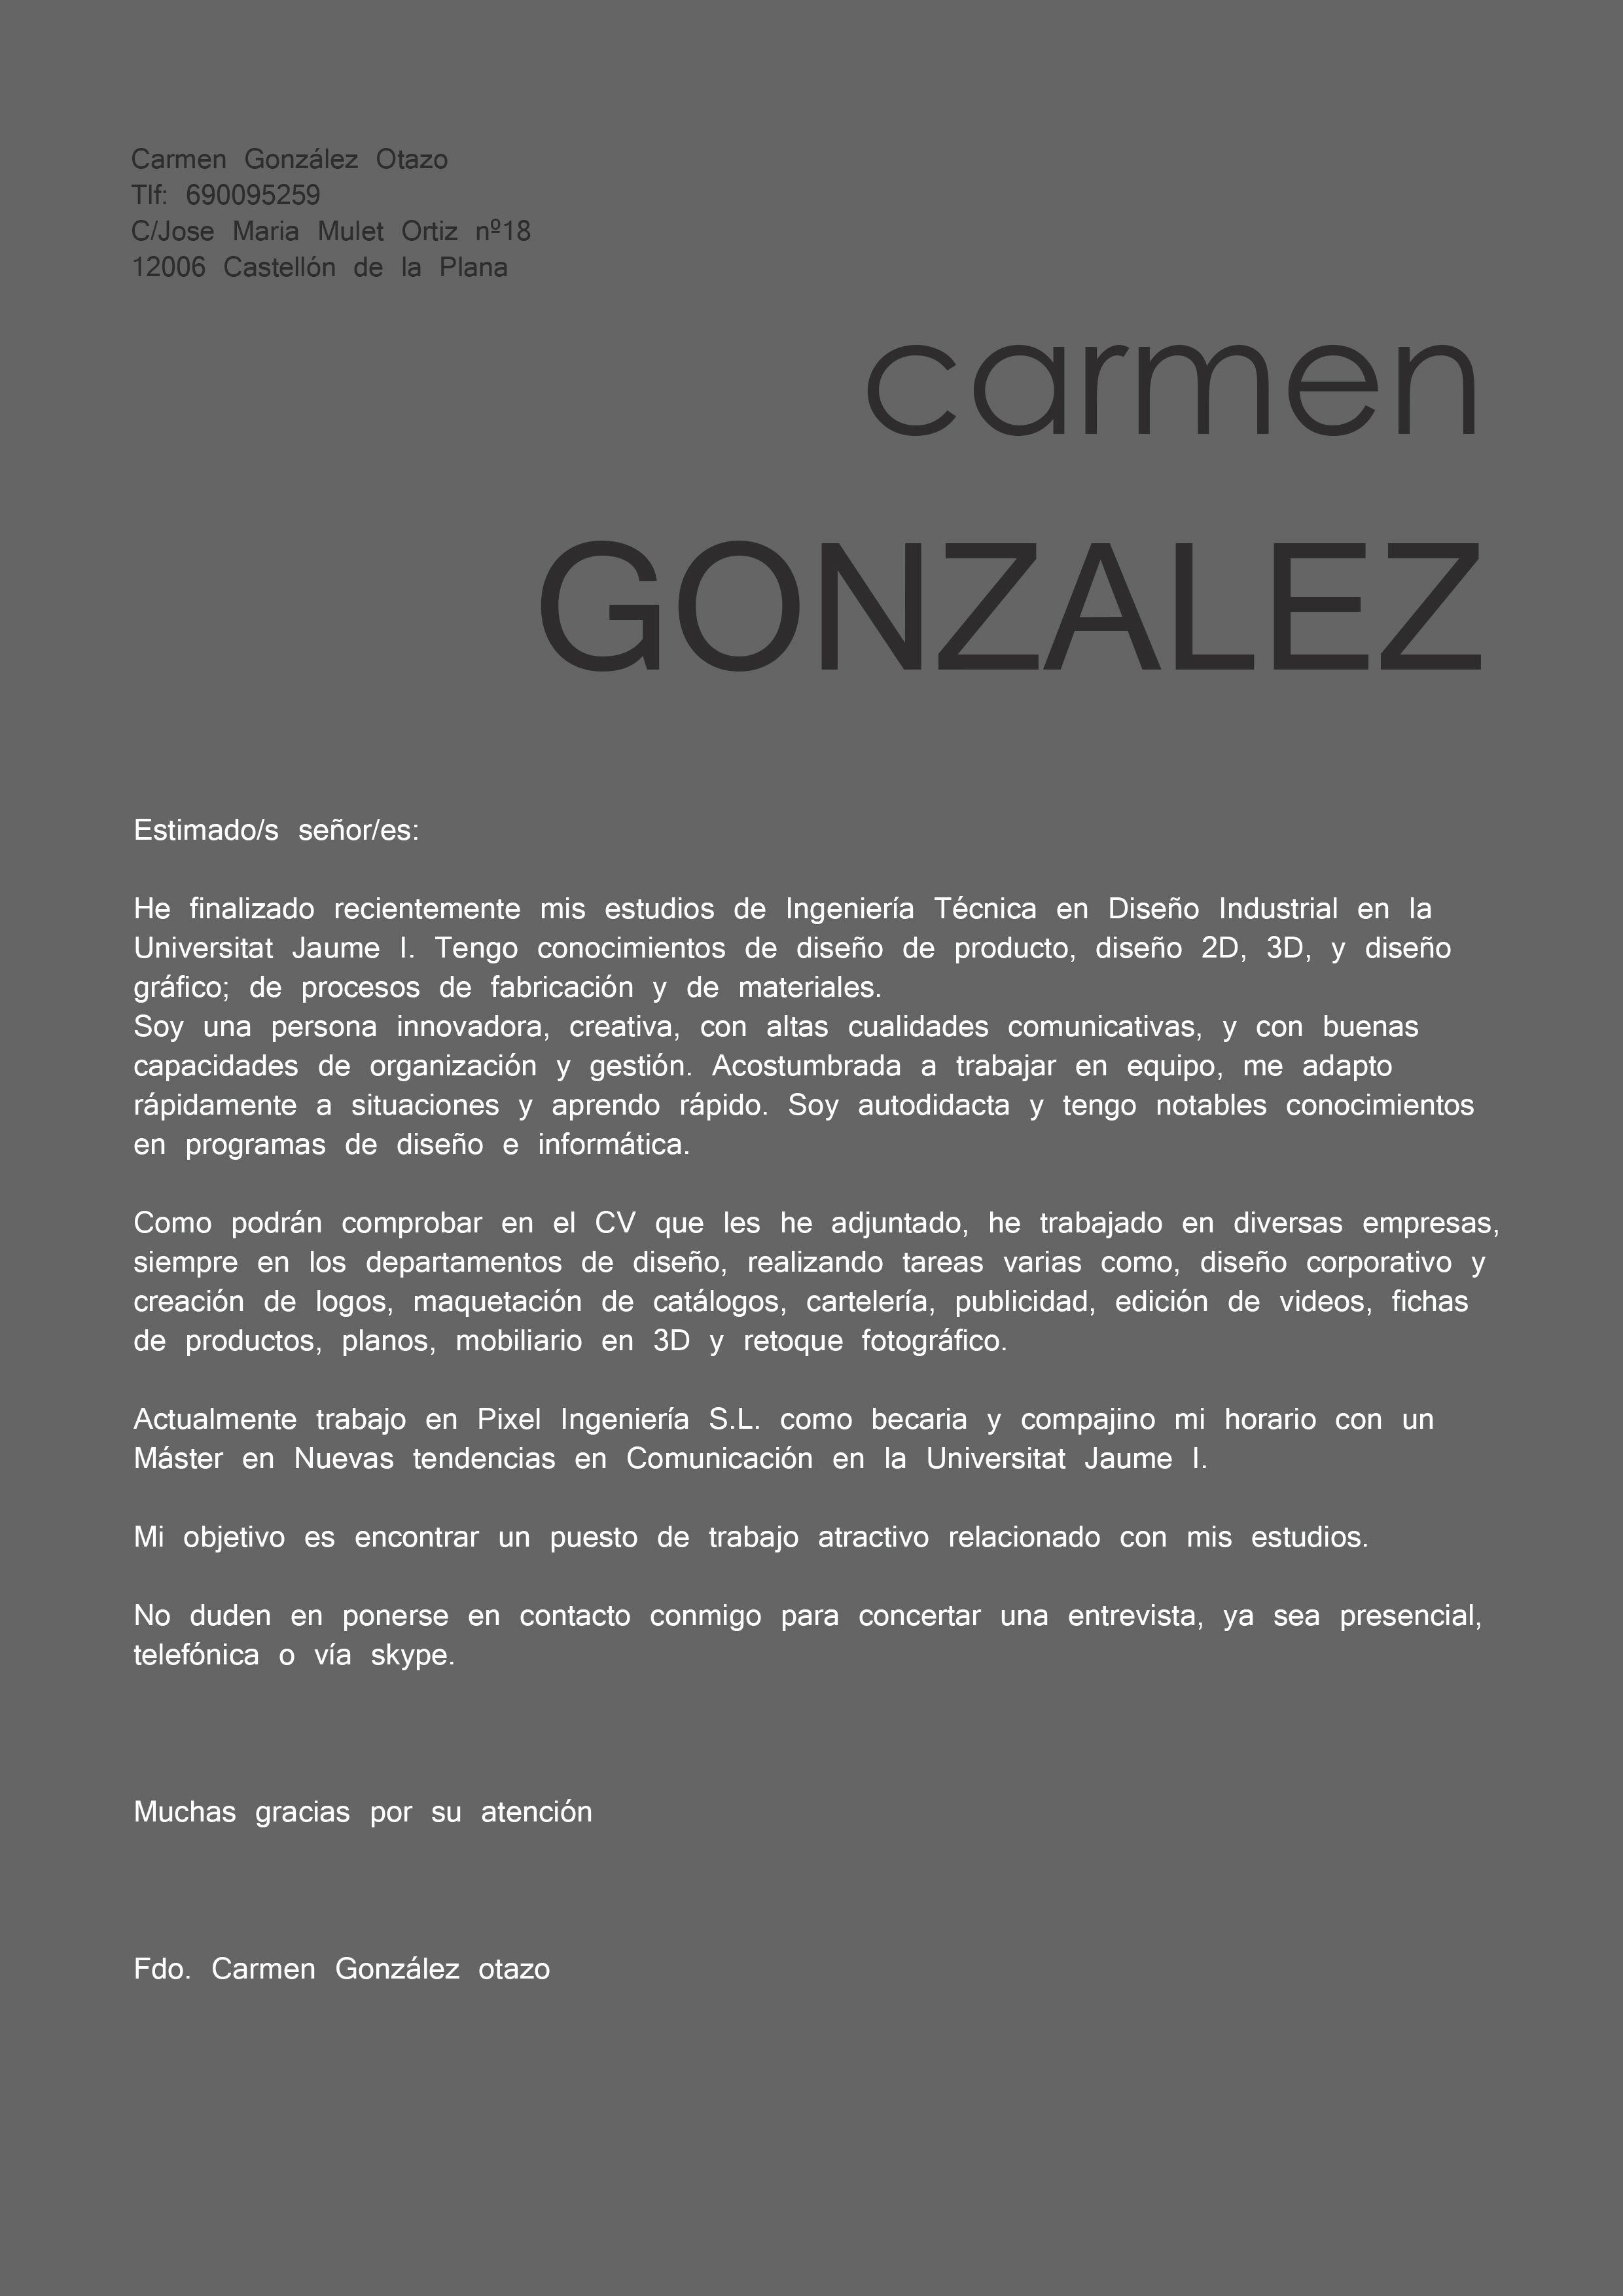 Nueva carta de presentación | Carta de Presentación | Pinterest ...